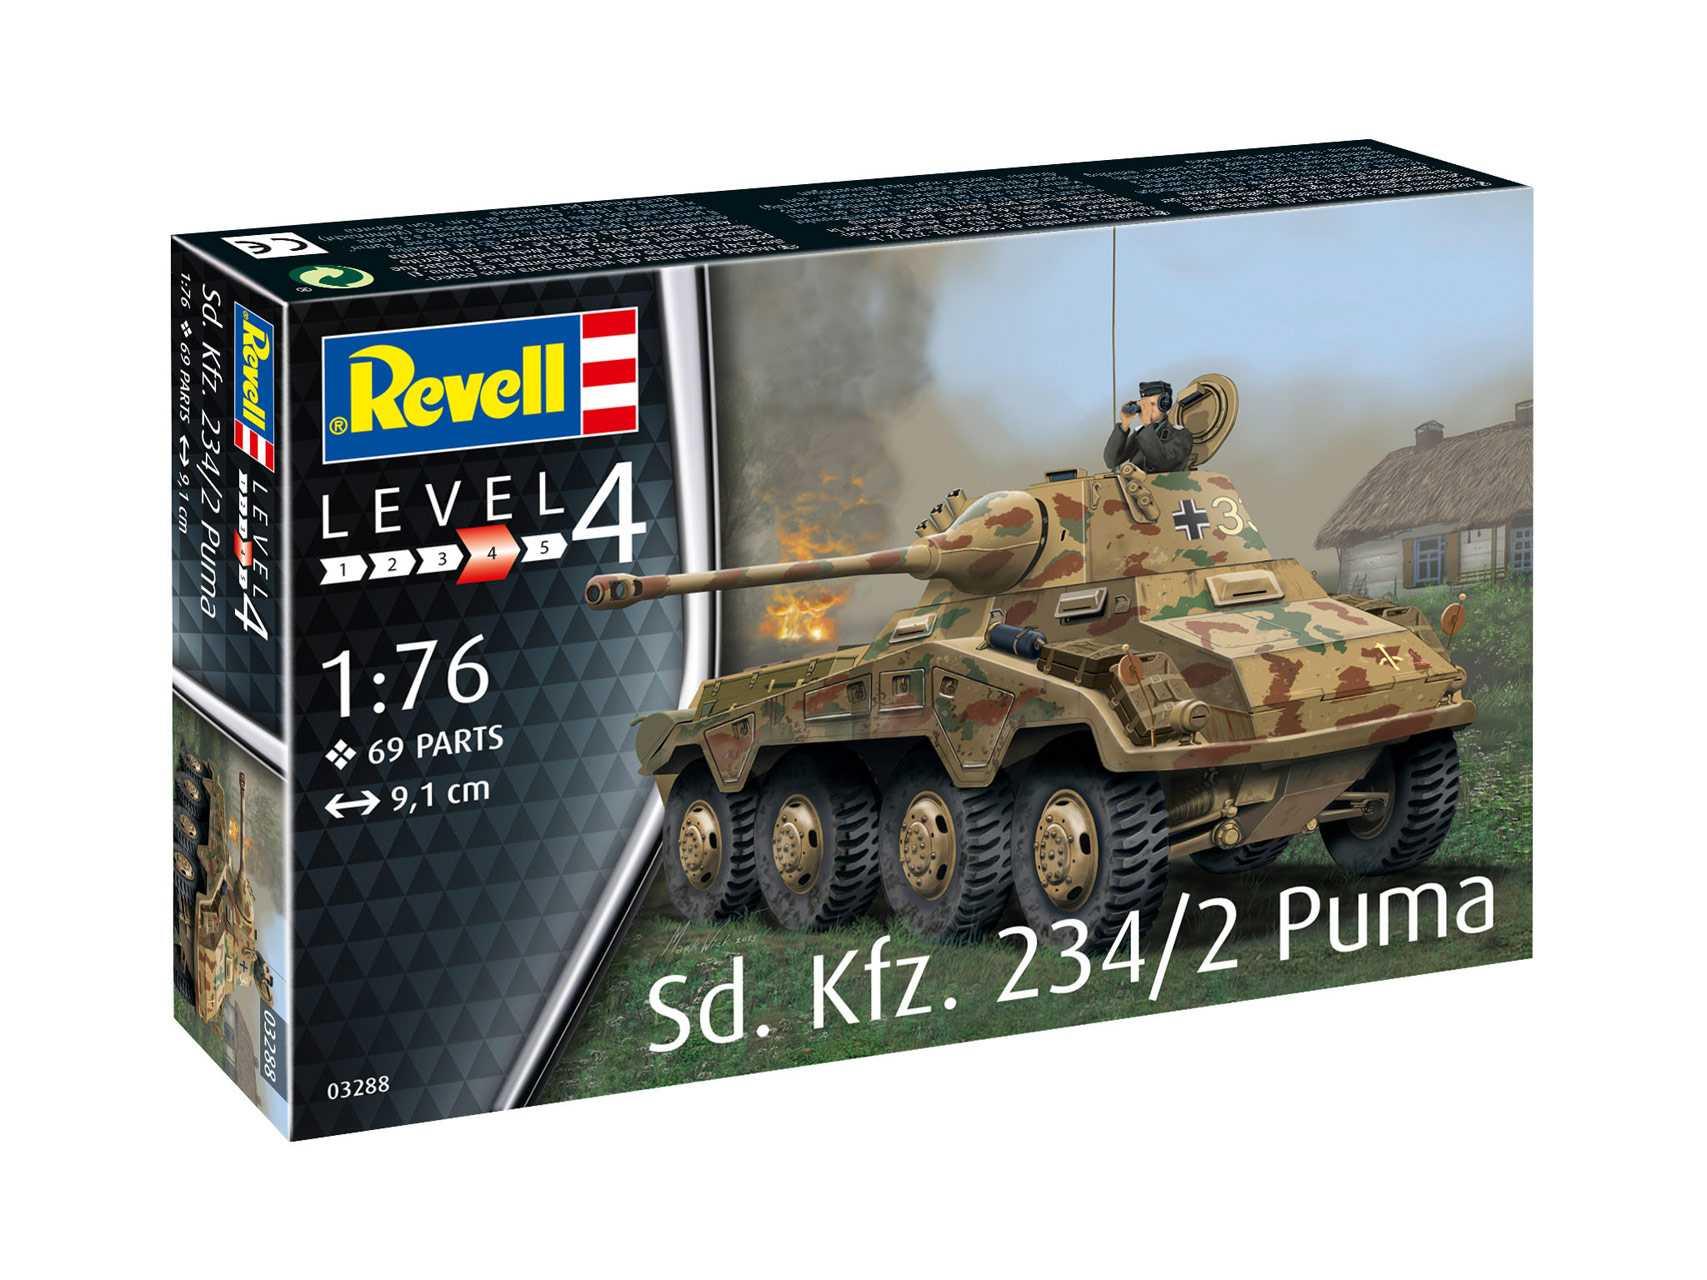 Náhľad produktu - 1:76 Sd.Kfz. 234/2 Puma